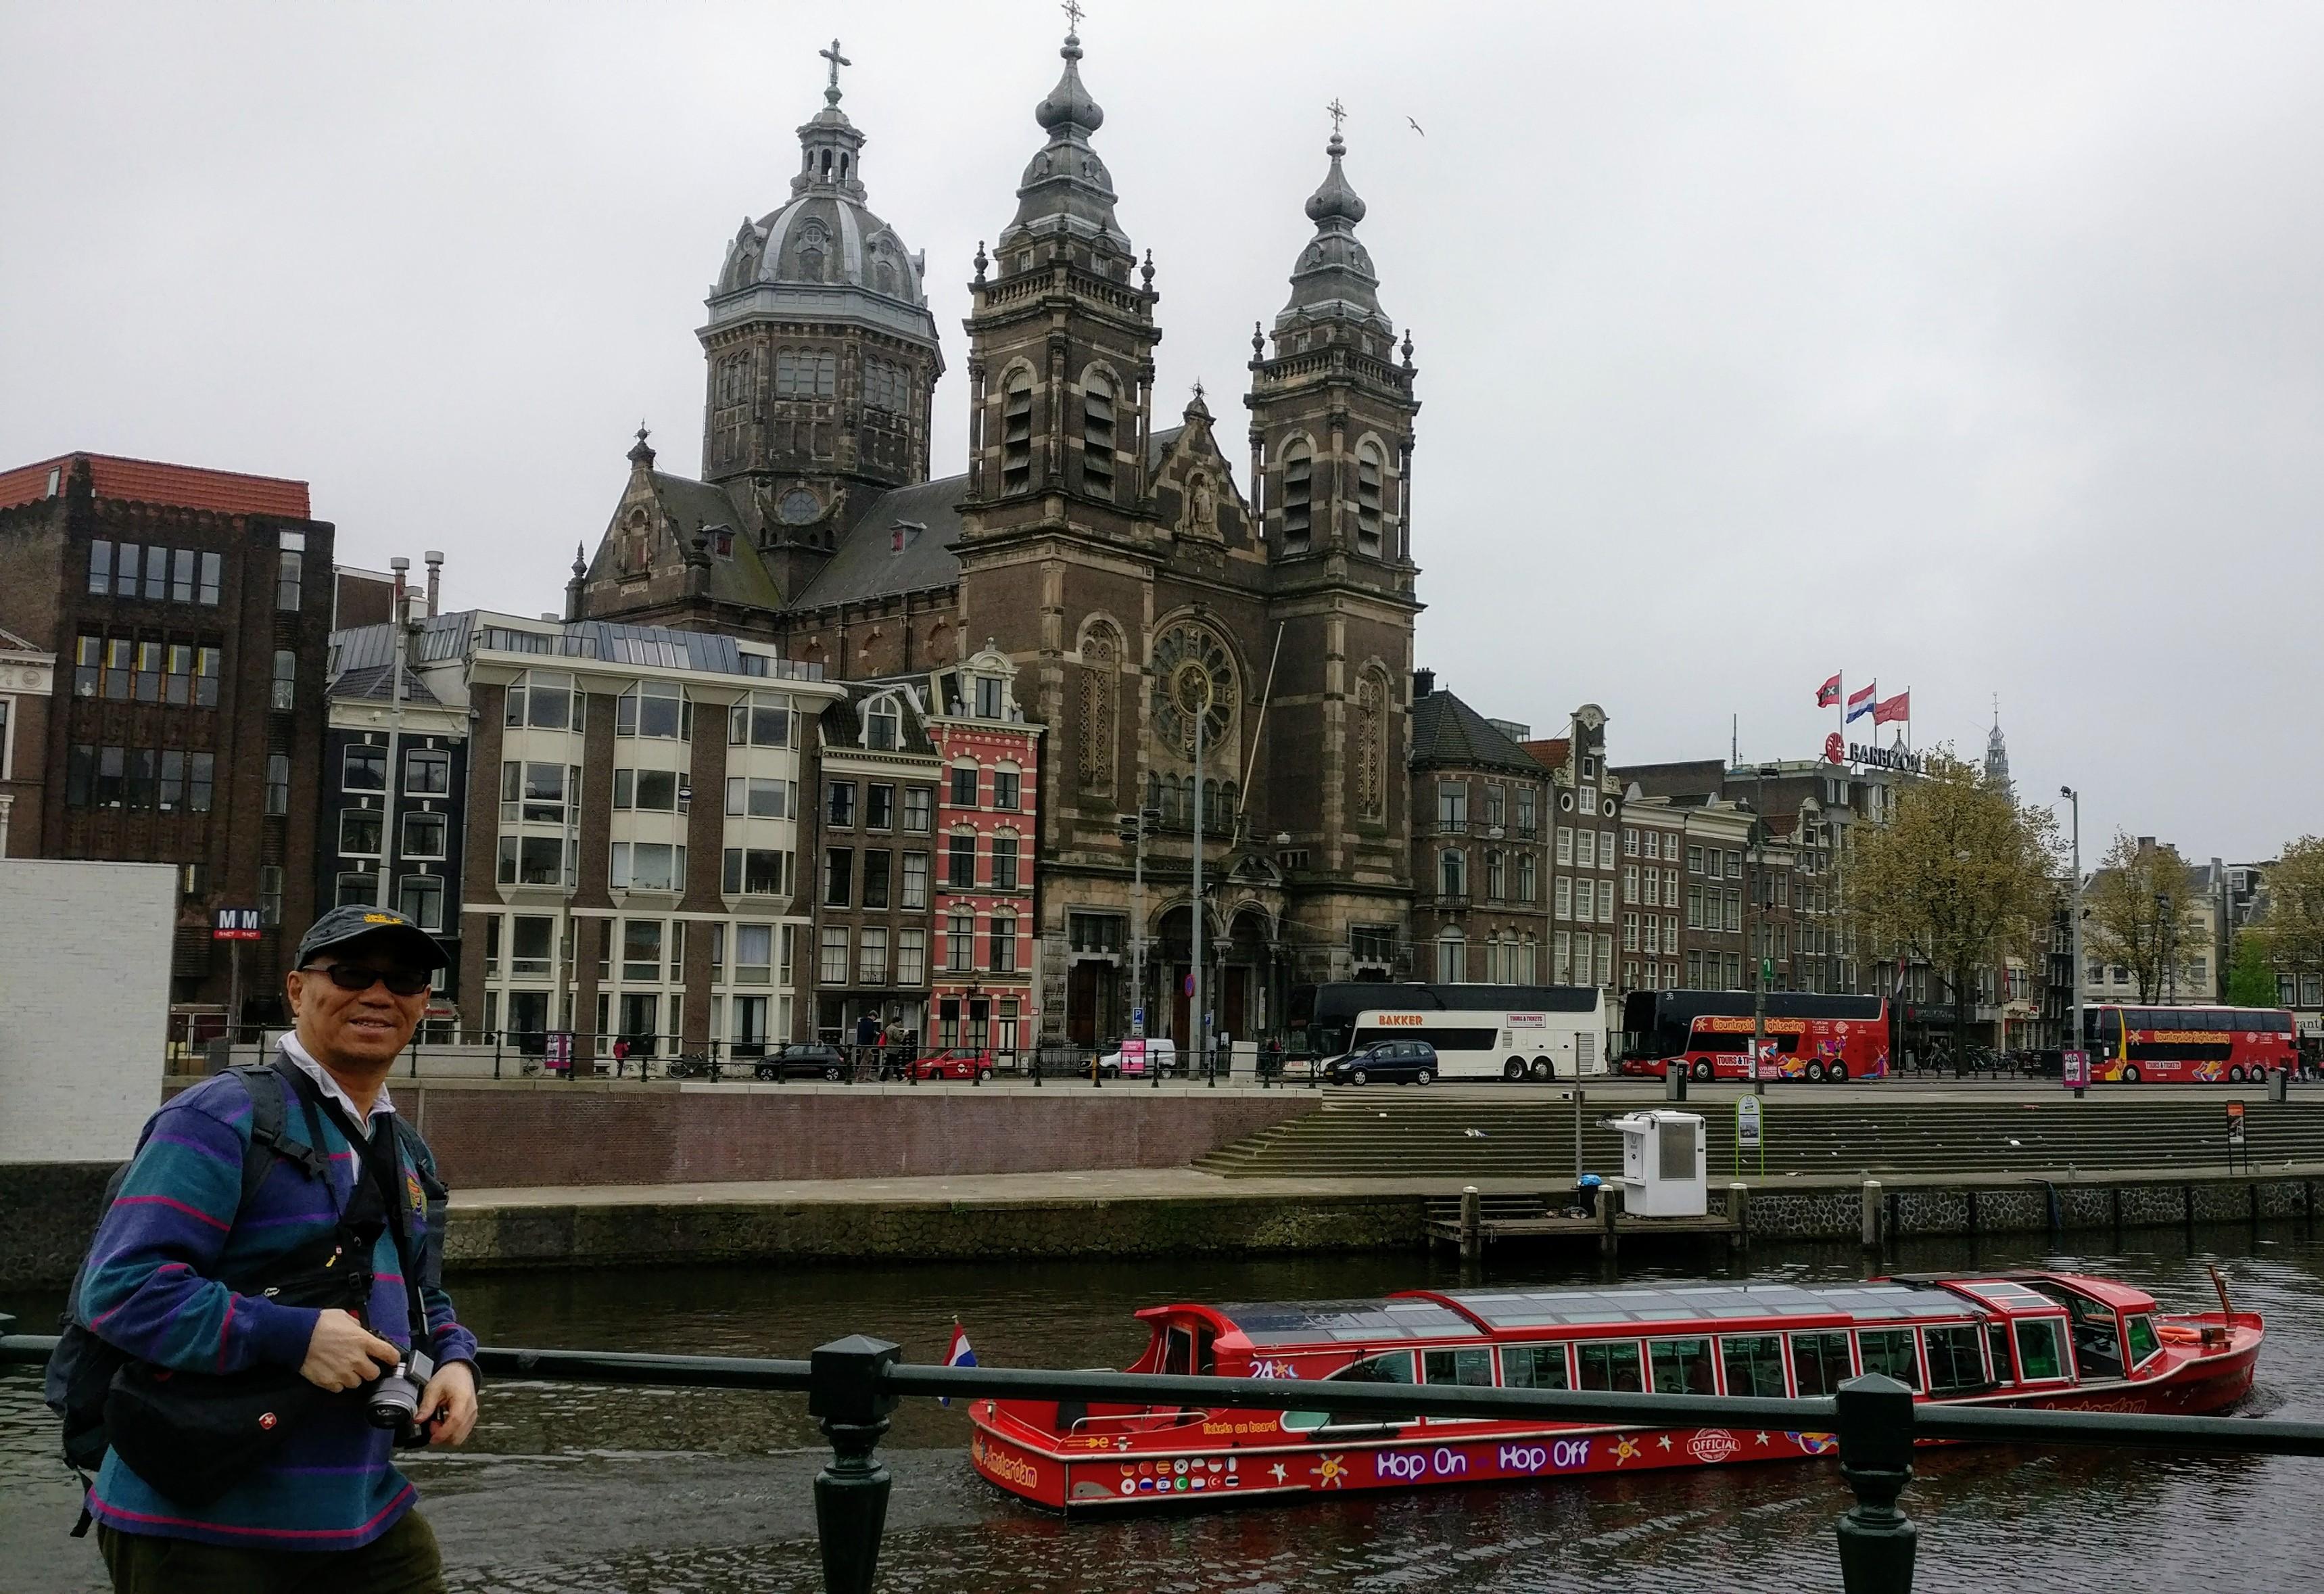 5月7日 DAY 1  阿姆斯特丹博物馆狂奔